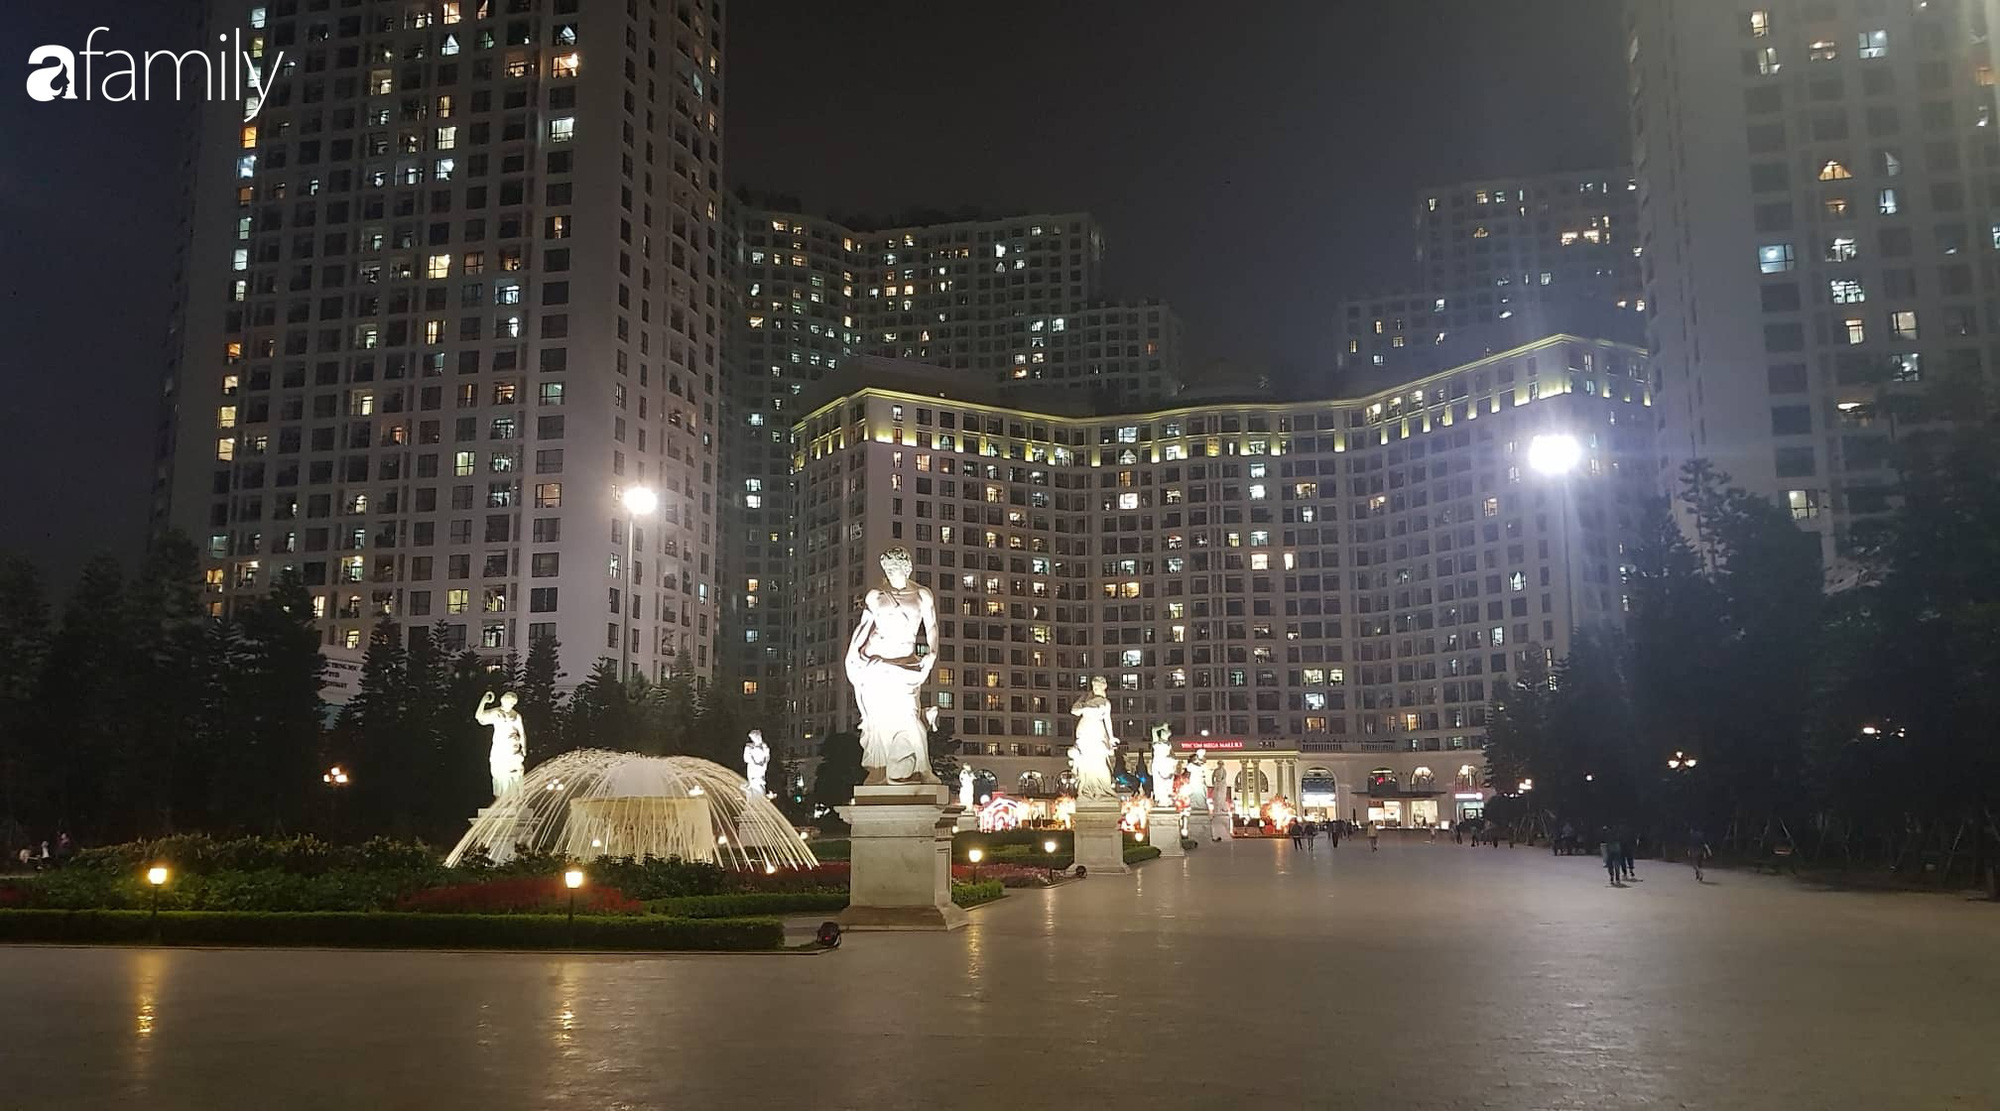 Valentine Hà Nội - Sài Gòn vắng vẻ đìu hiu vì dịch Corona, từ trung tâm thương mại đến phố phường đều ít bóng tình nhân đi chơi - Ảnh 1.